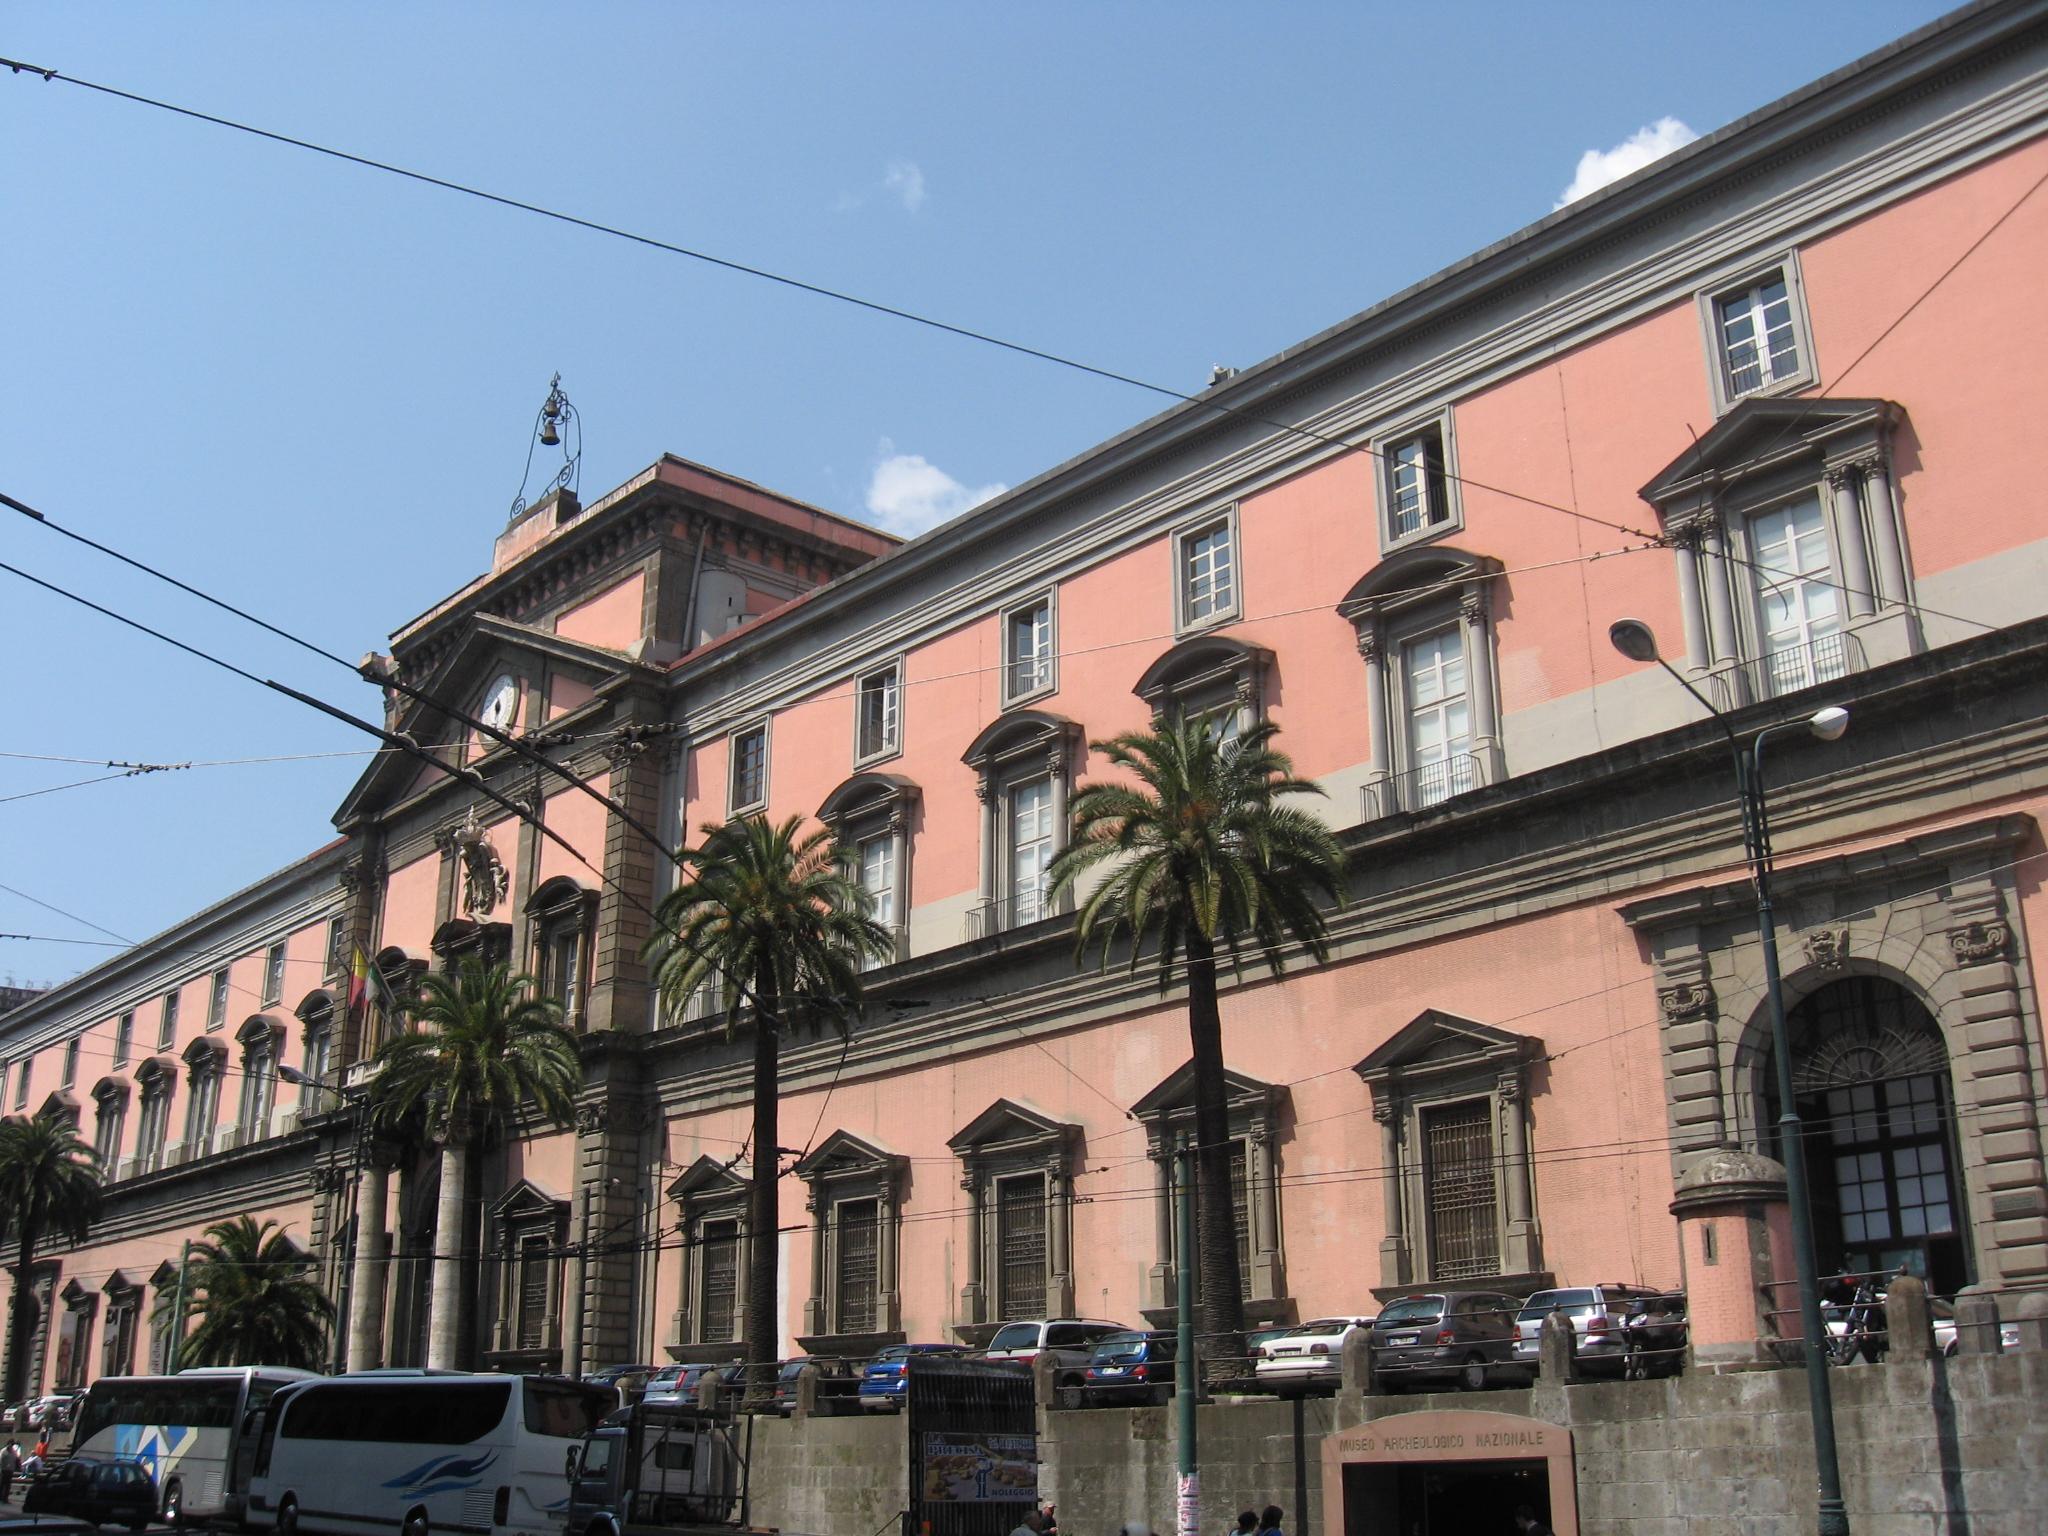 I Beni Culturali Invisibili: il 27 ottobre in mostra i tesori nascosti del Museo Archeologico di Napoli